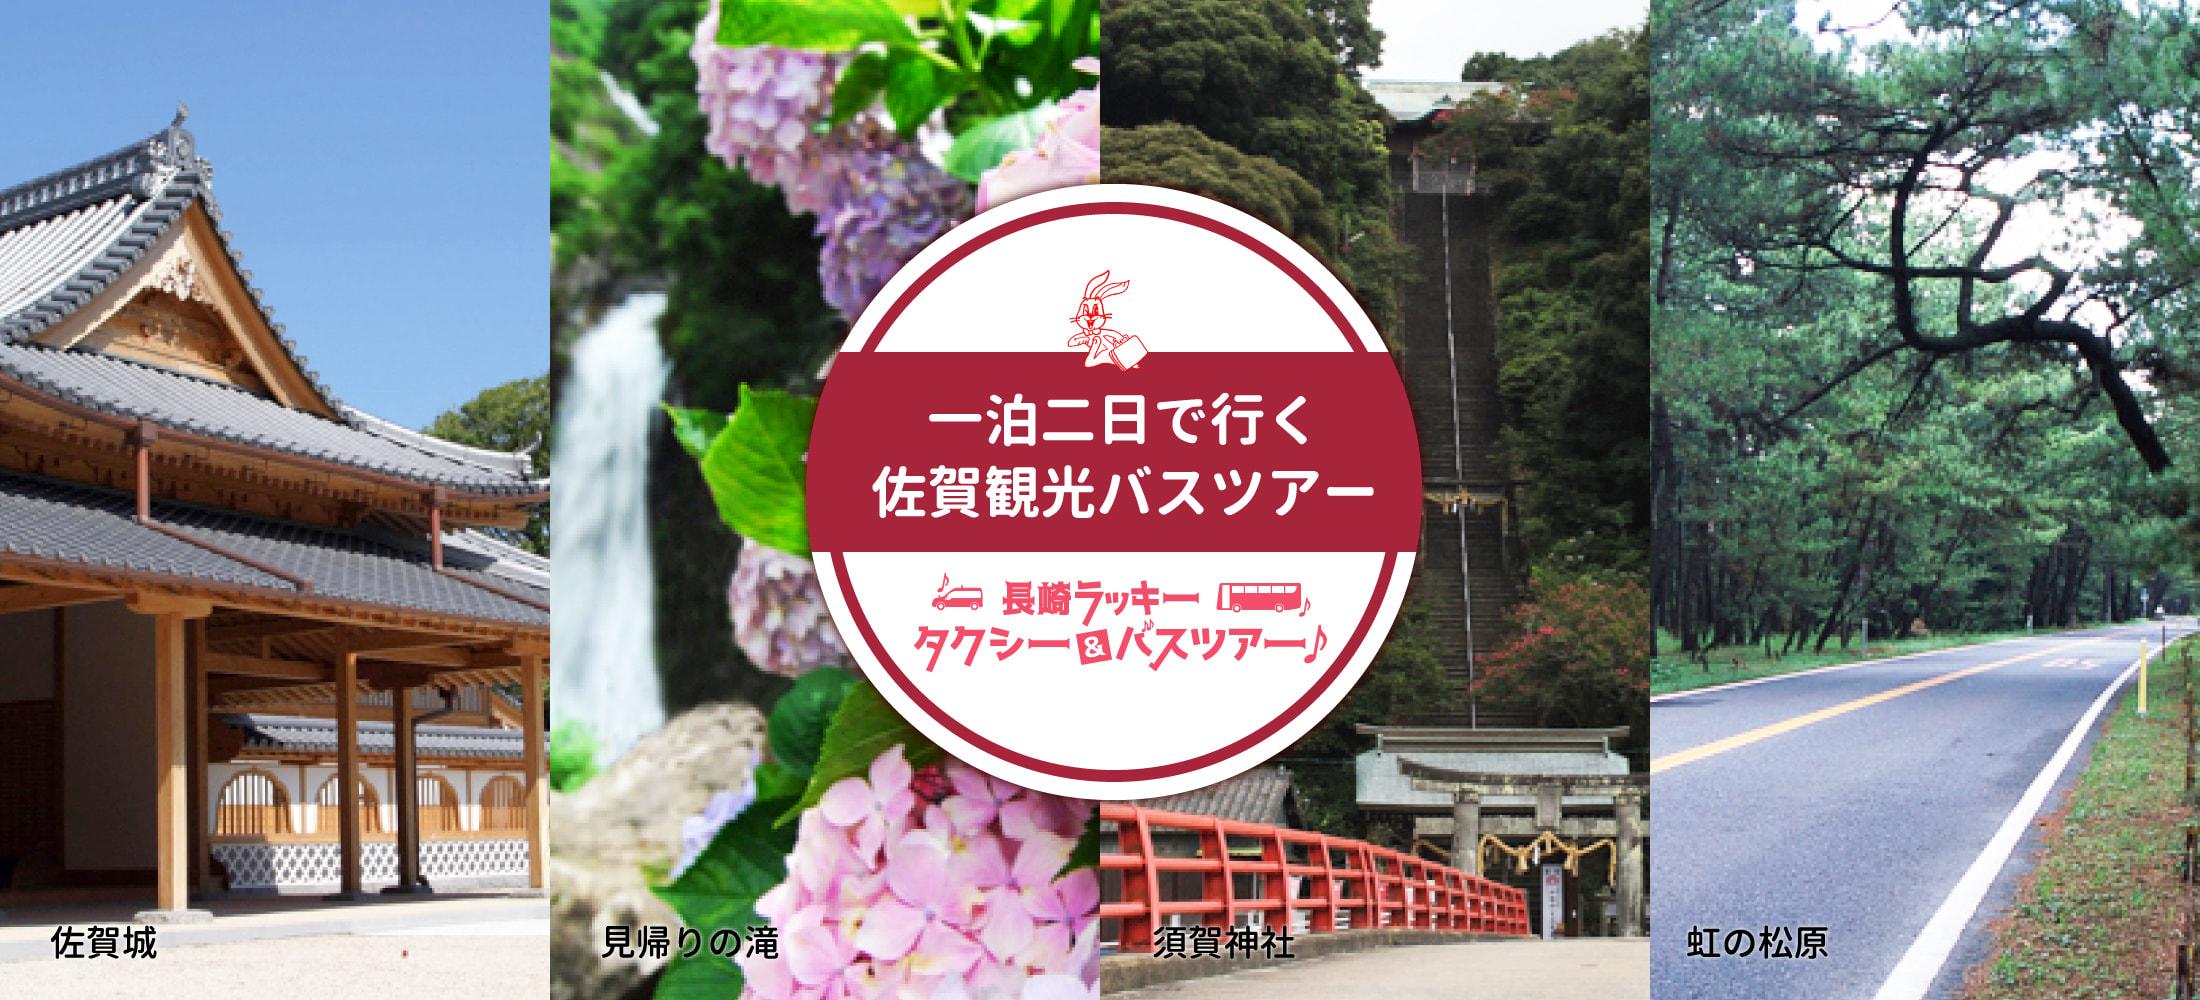 ラッキーバスで行く佐賀観光バスツアー